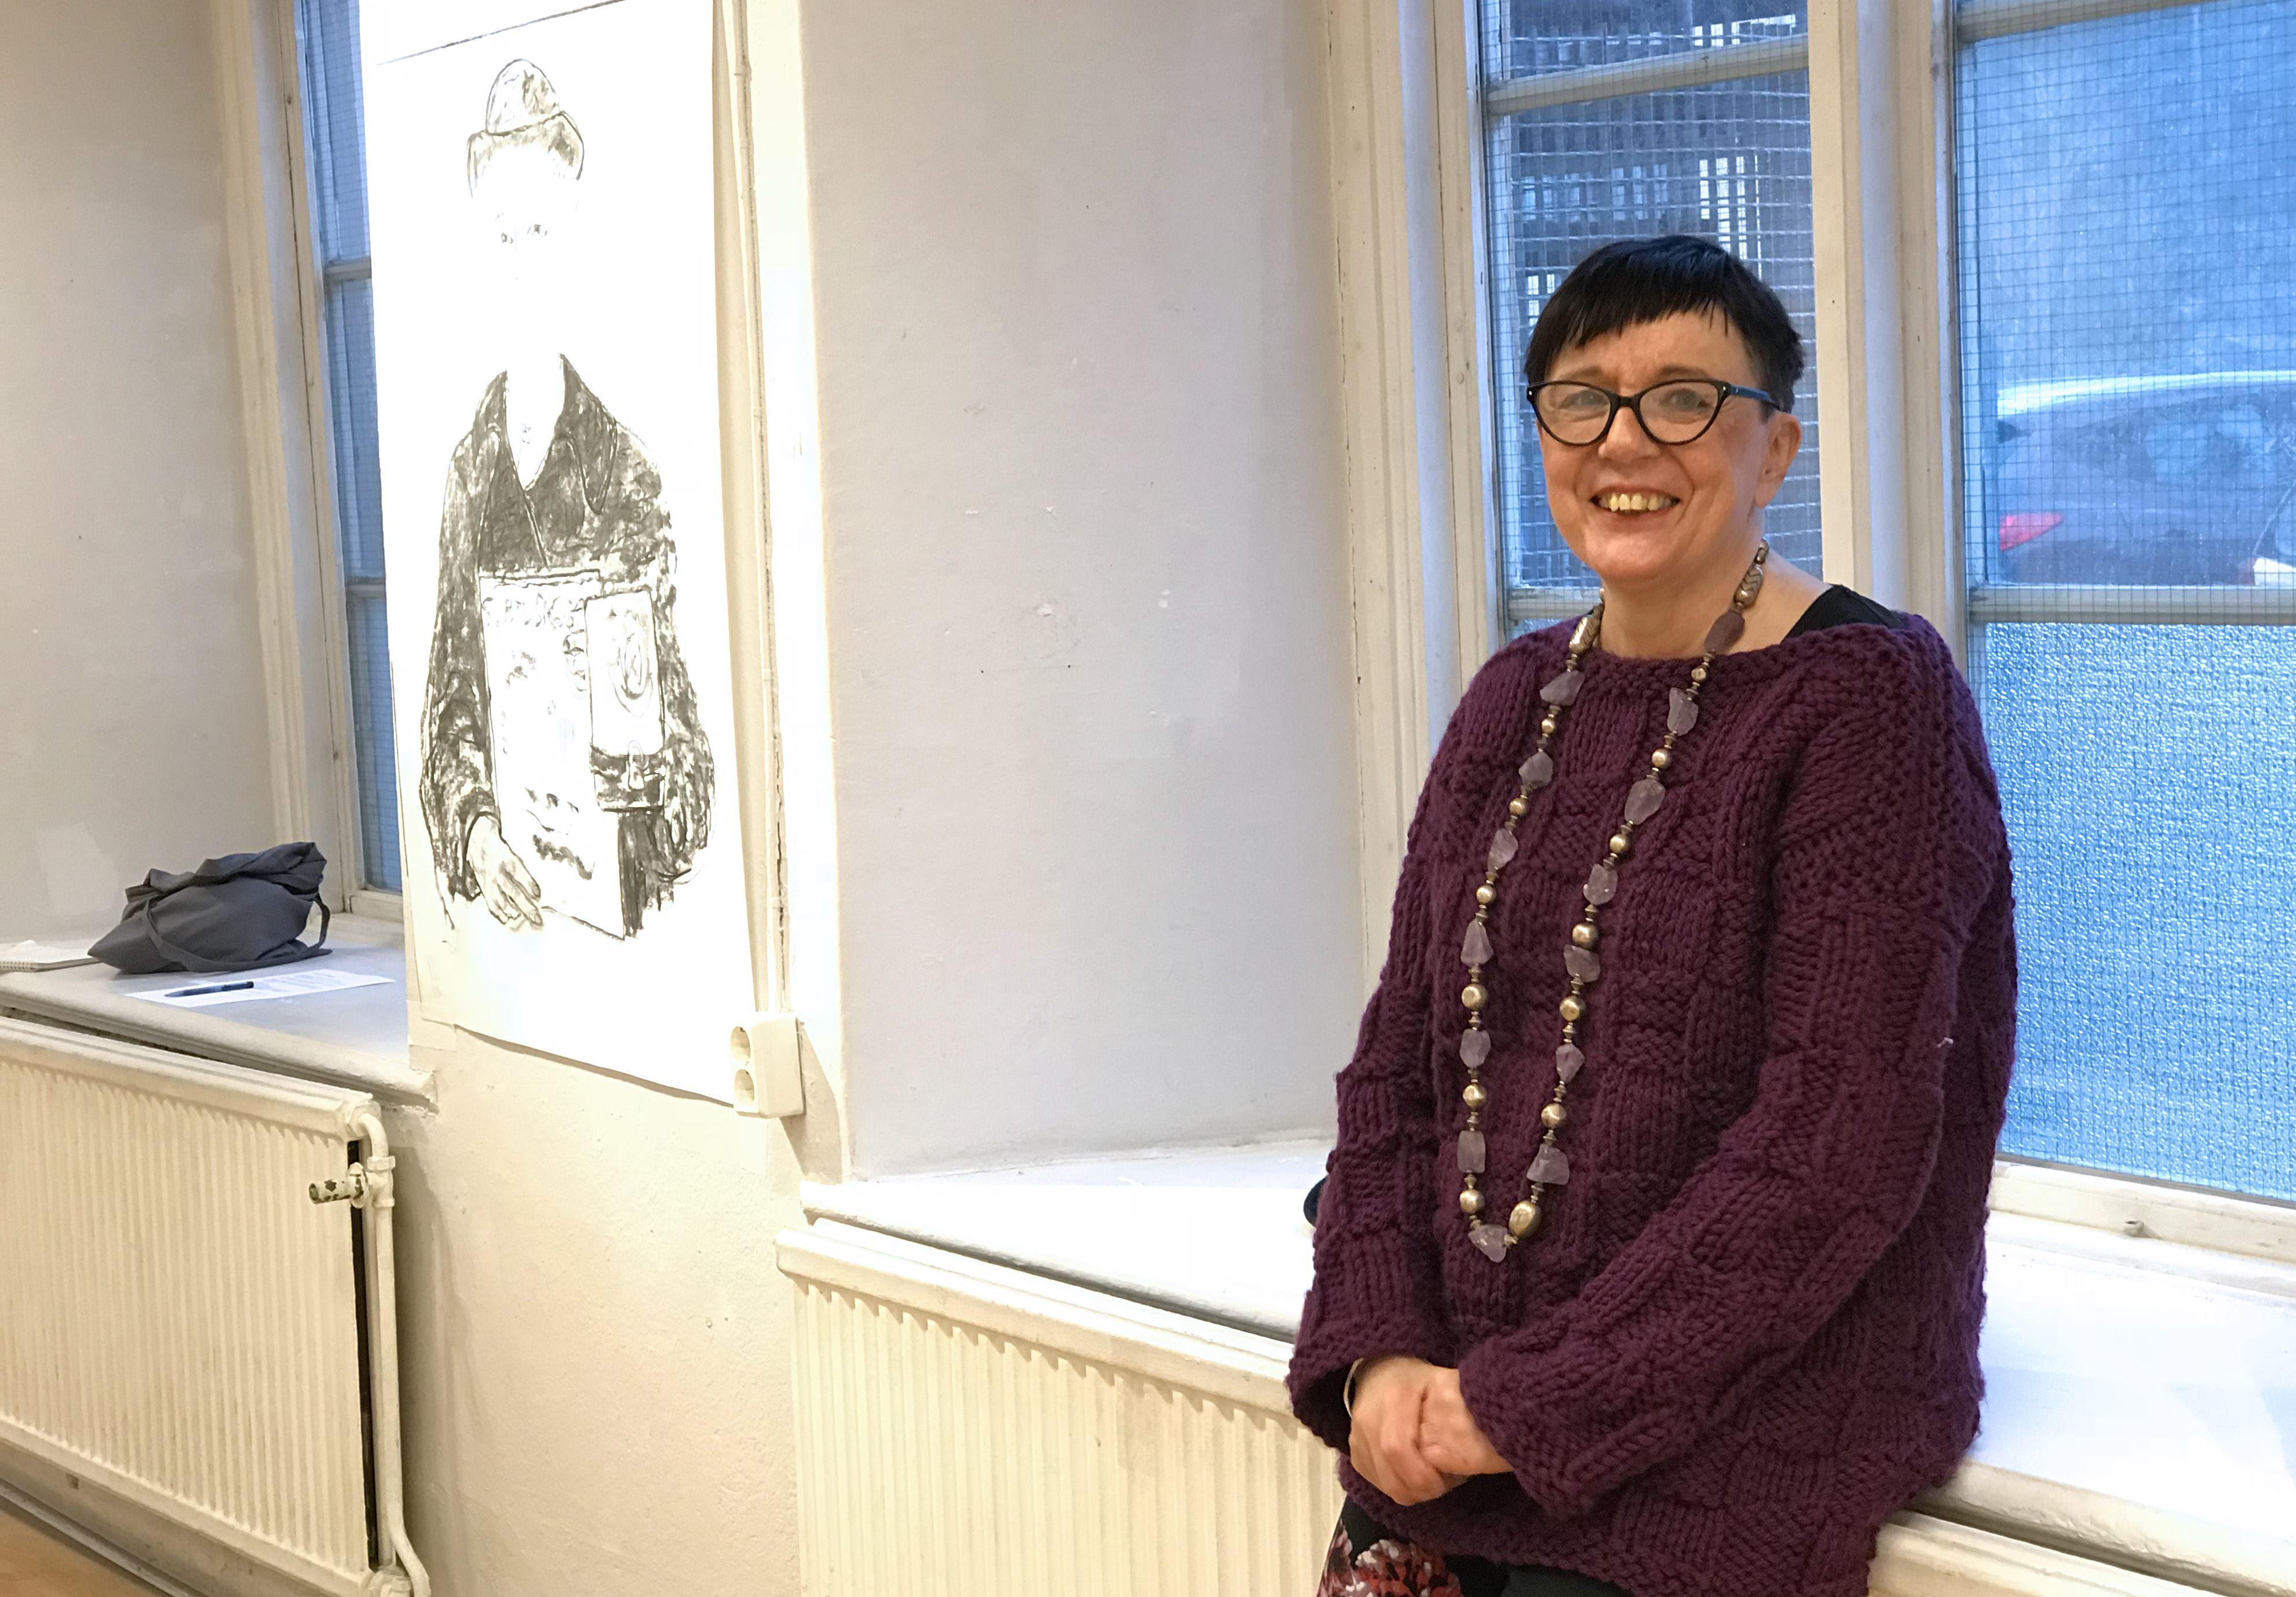 Gunilla Wihlborg - Skisser inför frälsningssoldaten